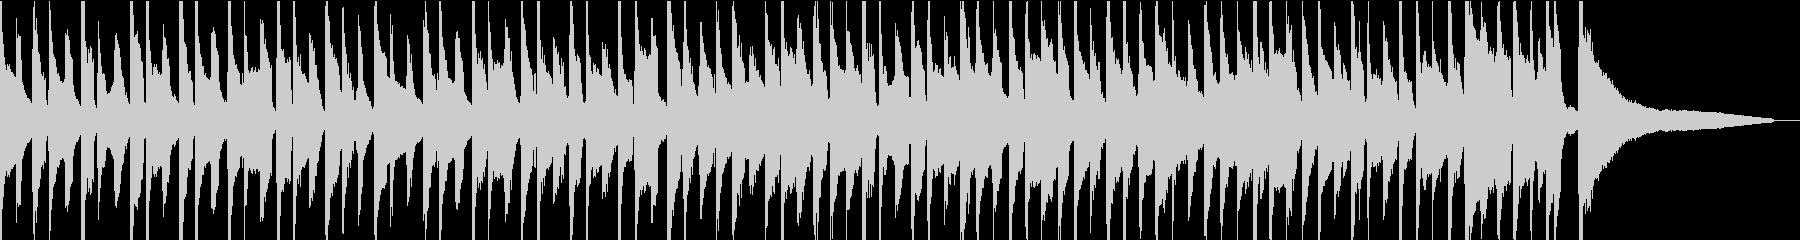 6/8拍子 シンプルで短いBGMの未再生の波形